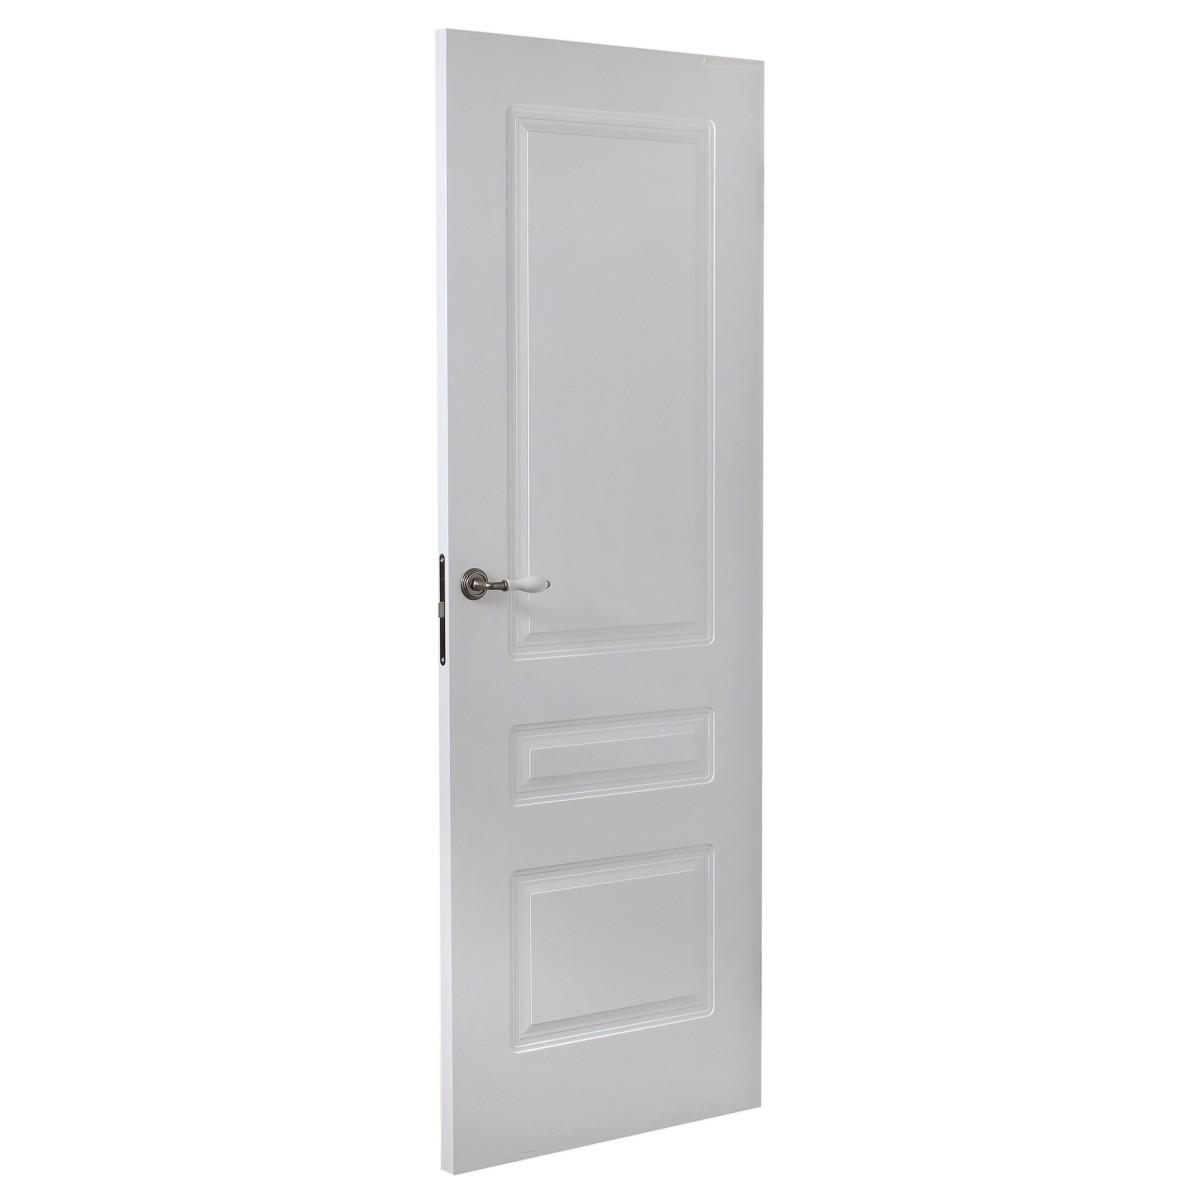 Дверь Межкомнатная Глухая Роялти 60x200 Цвет Белый